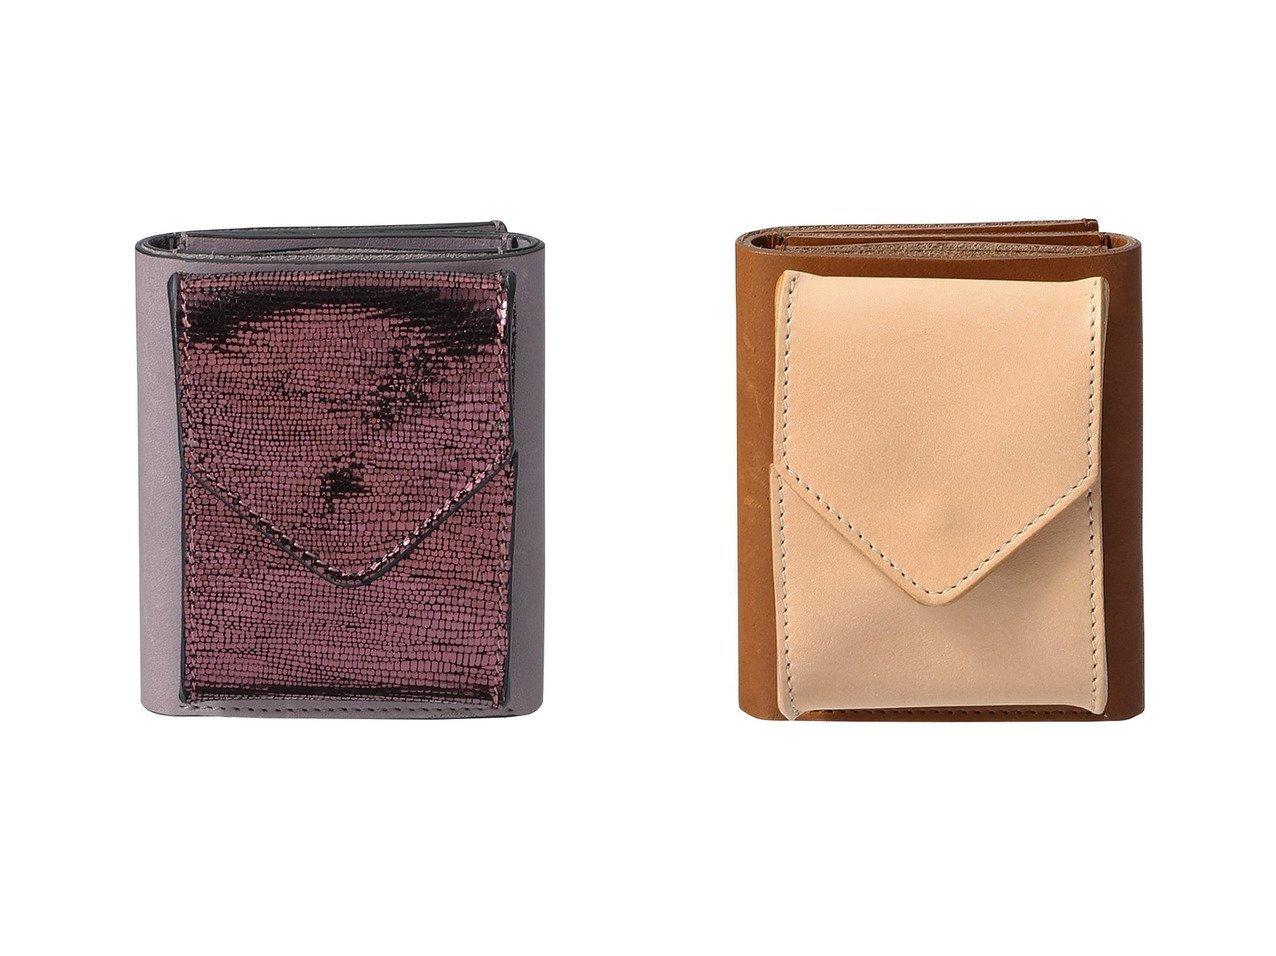 【TOD'S/トッズ】の【Hender Scheme×Tod s】トリフォールドウォレット(メタリック)&【Hender Scheme×Tod s】トリフォールドウォレット(カーフ) おすすめ!人気、トレンド・レディースファッションの通販 おすすめで人気の流行・トレンド、ファッションの通販商品 インテリア・家具・メンズファッション・キッズファッション・レディースファッション・服の通販 founy(ファニー) https://founy.com/ ファッション Fashion レディースファッション WOMEN 財布 Wallets ウォレット 財布 |ID:crp329100000074705